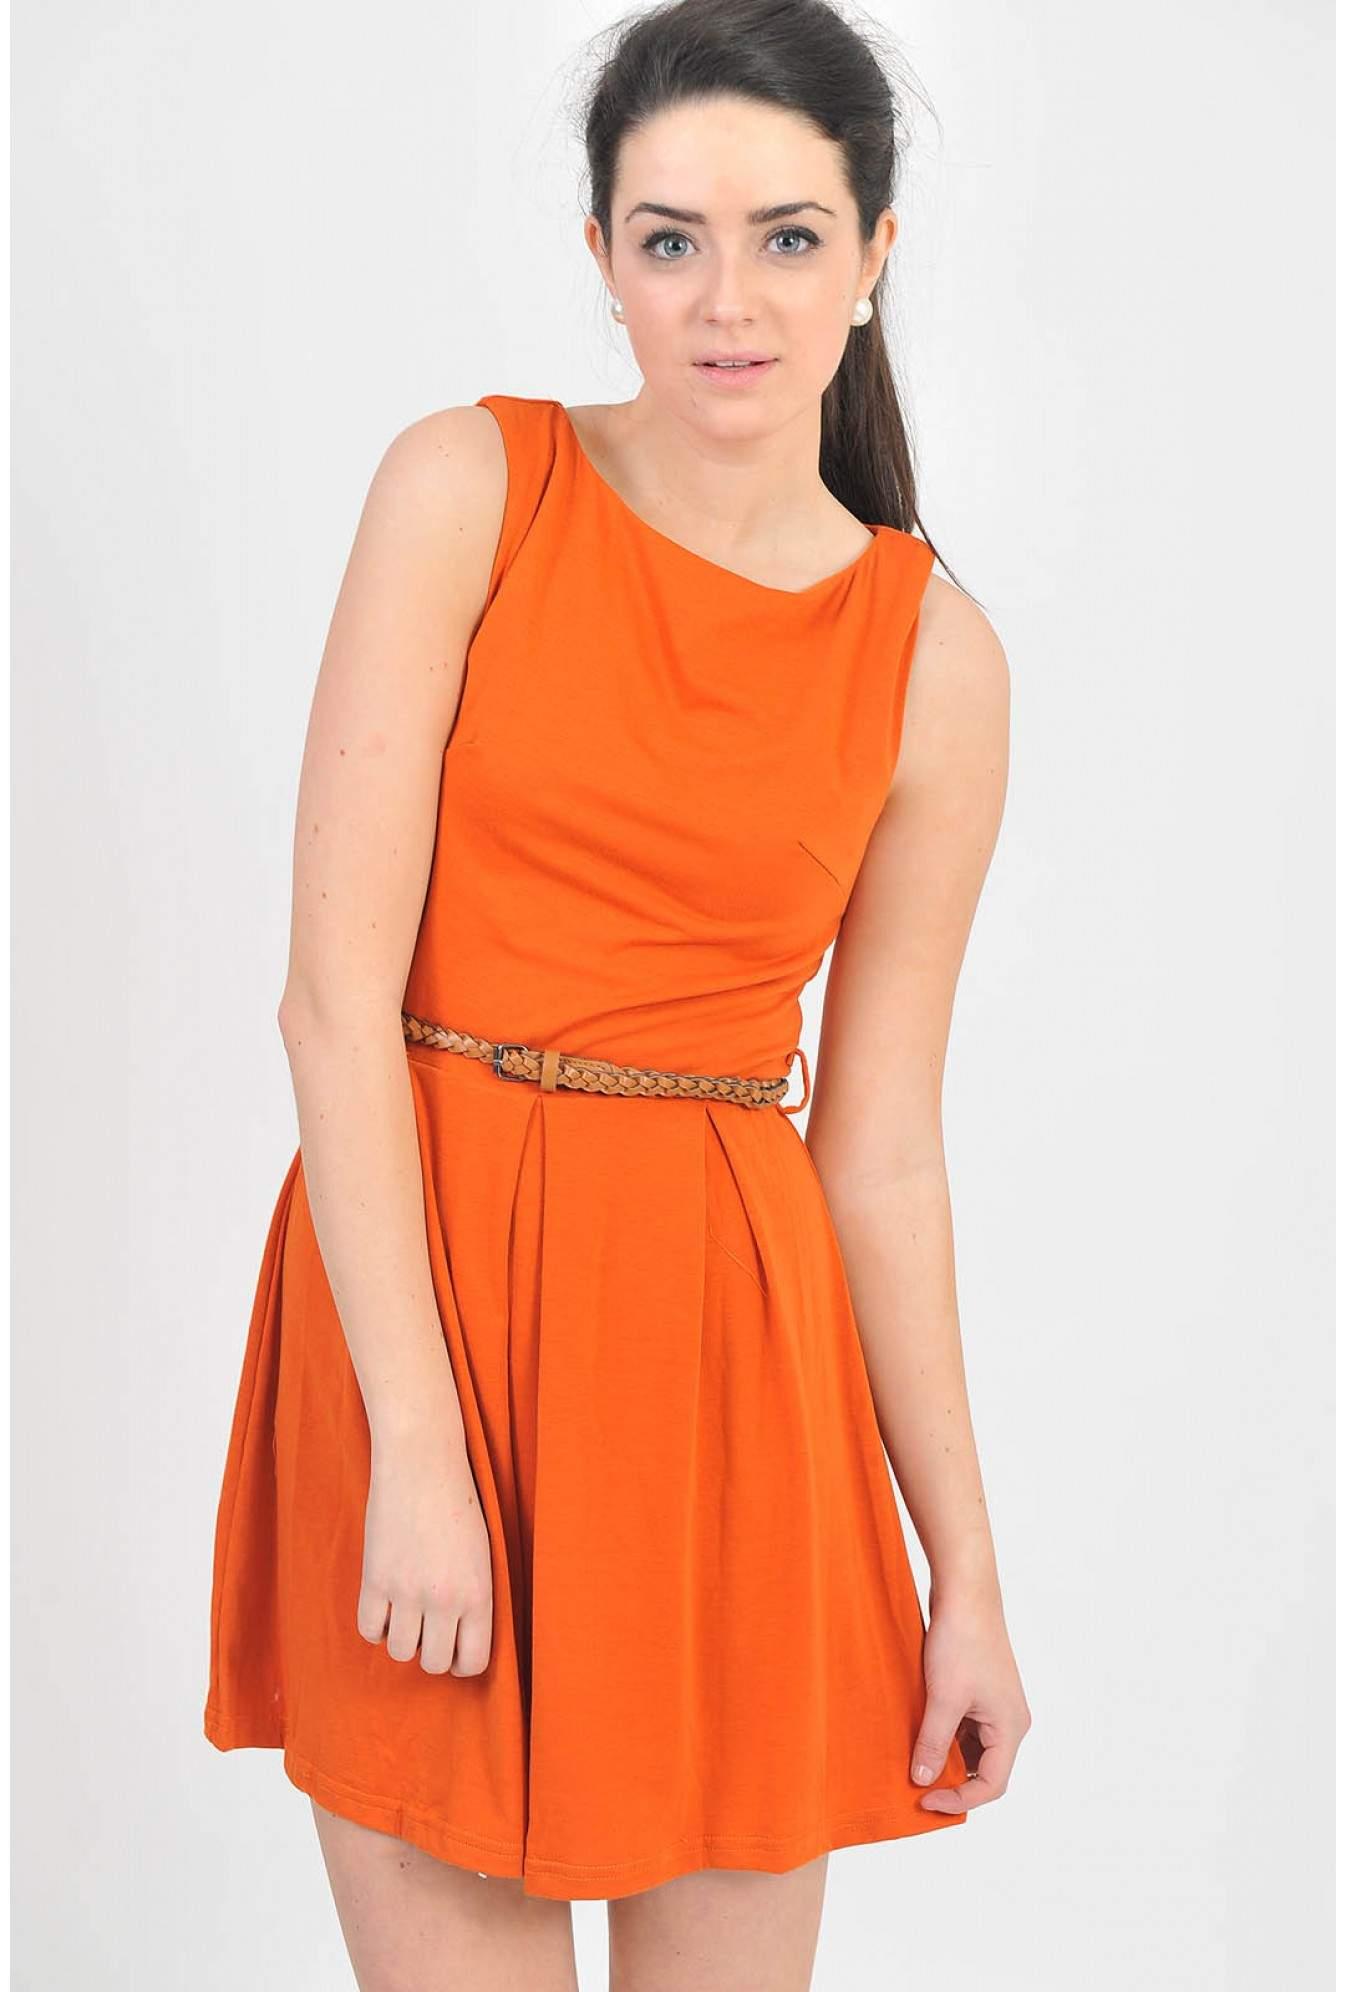 AX Paris Rosie Belted Pleat Dress in Orange  36b67906c